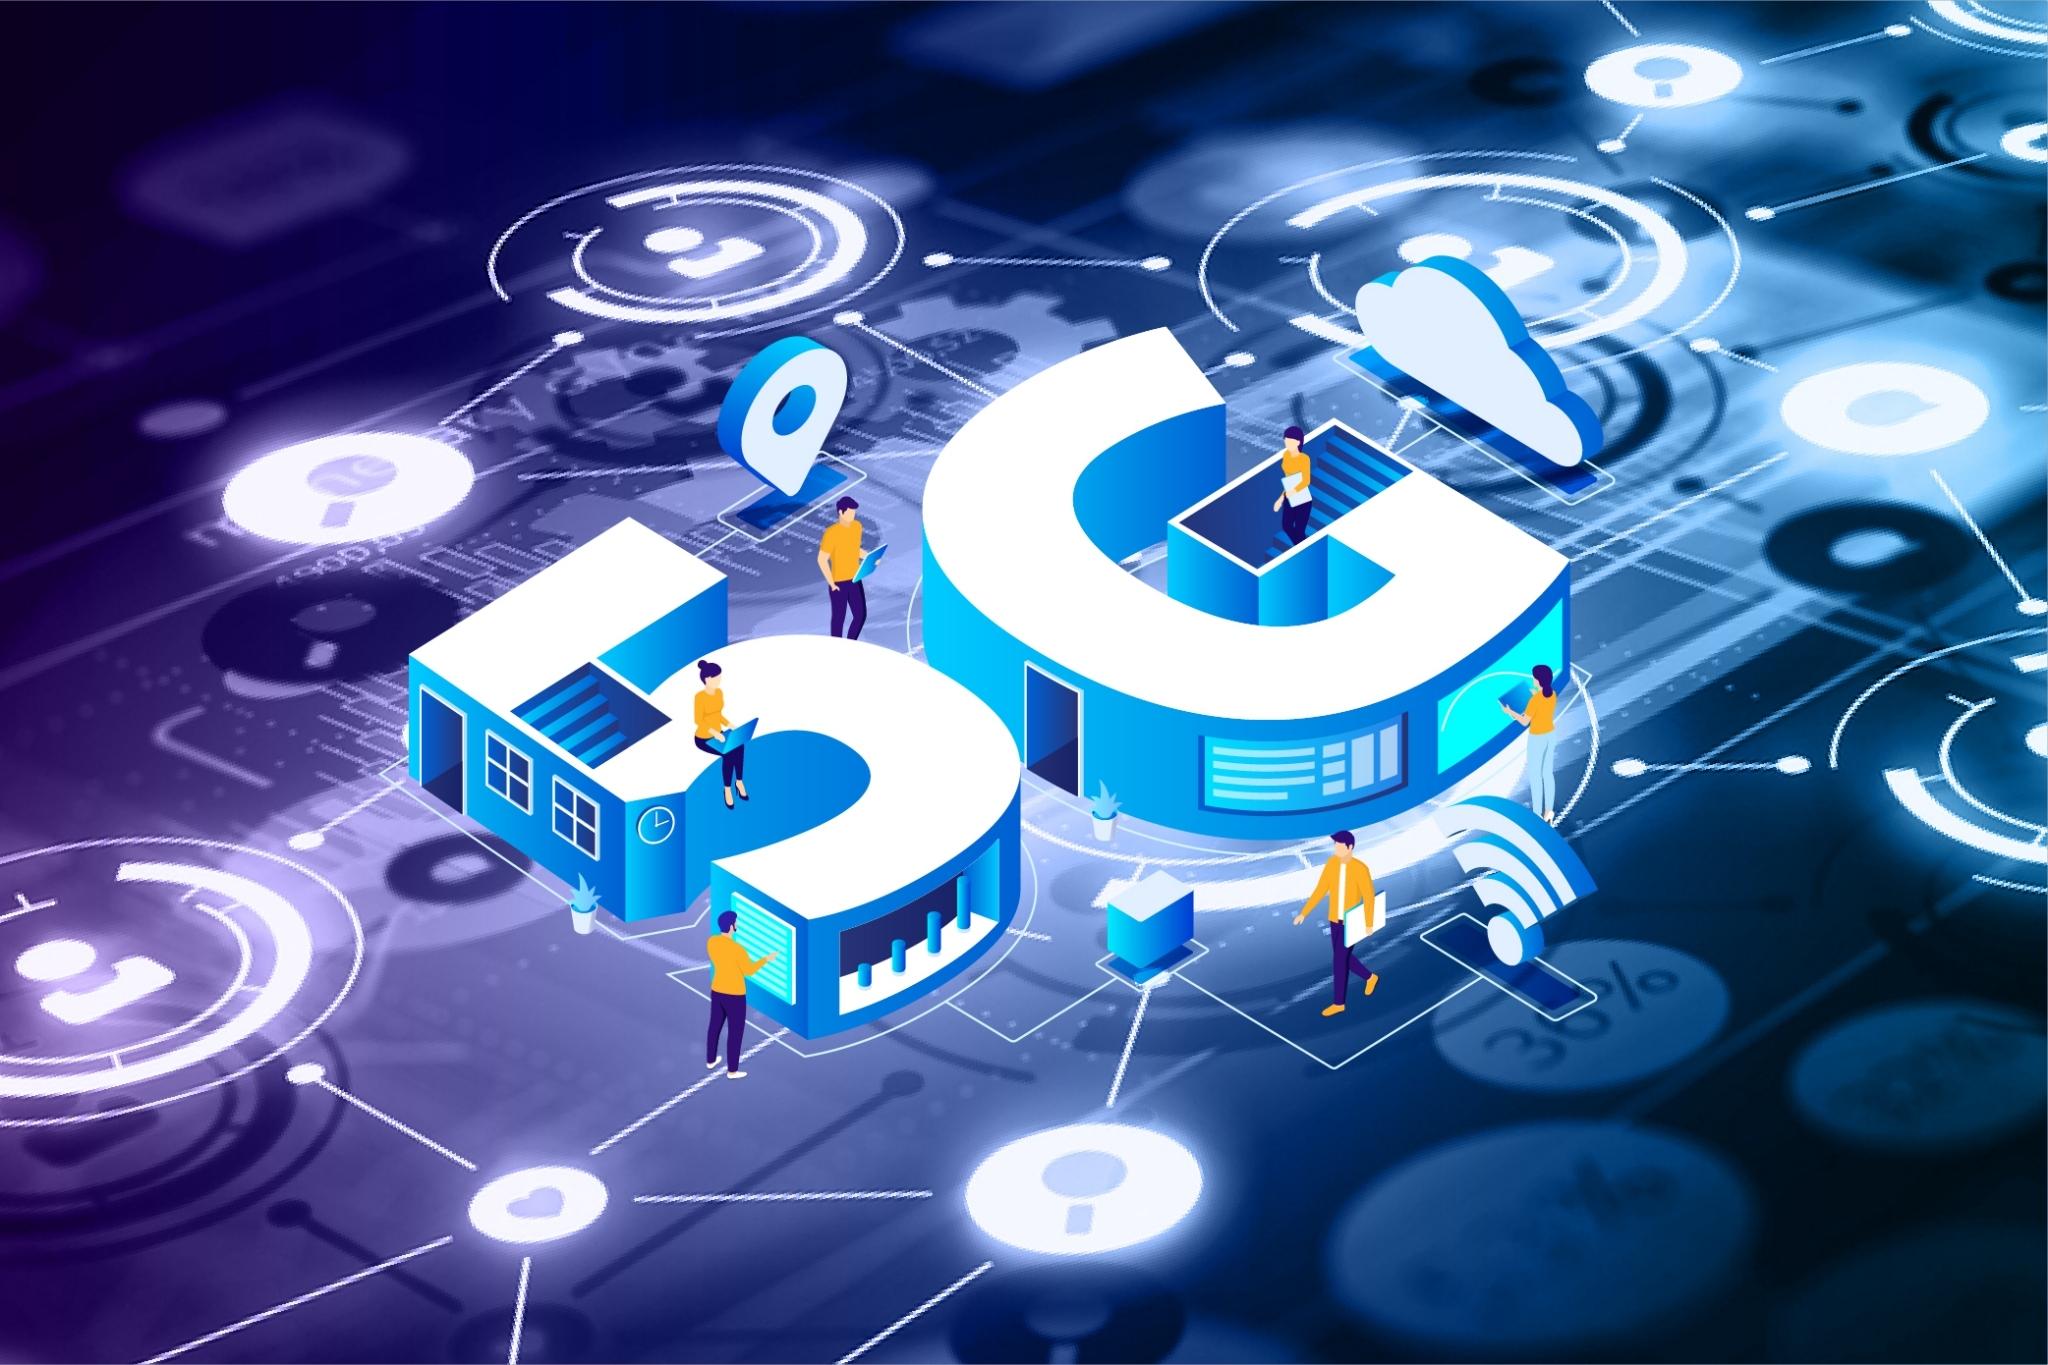 國民黨團對公帑補助5G建設有疑慮 NCC:涵蓋率5年從50%提升到85%